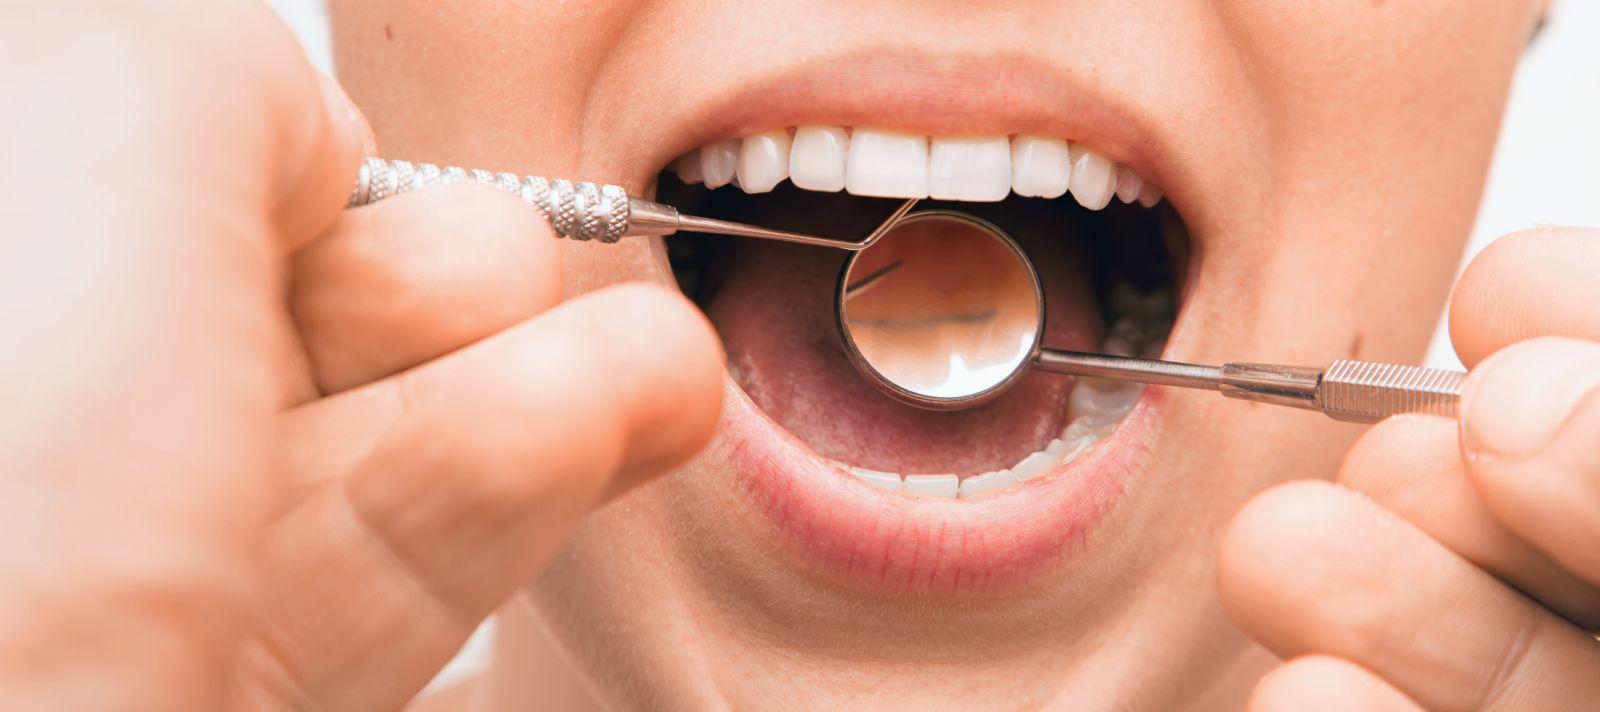 هل لأمراض اللثة علاقة بالالتهابات وبأمراض القلب والسرطان - أمراض اللثة - خلايا الدم المتعادلة - البكتيريا التي تصيب الأسنان